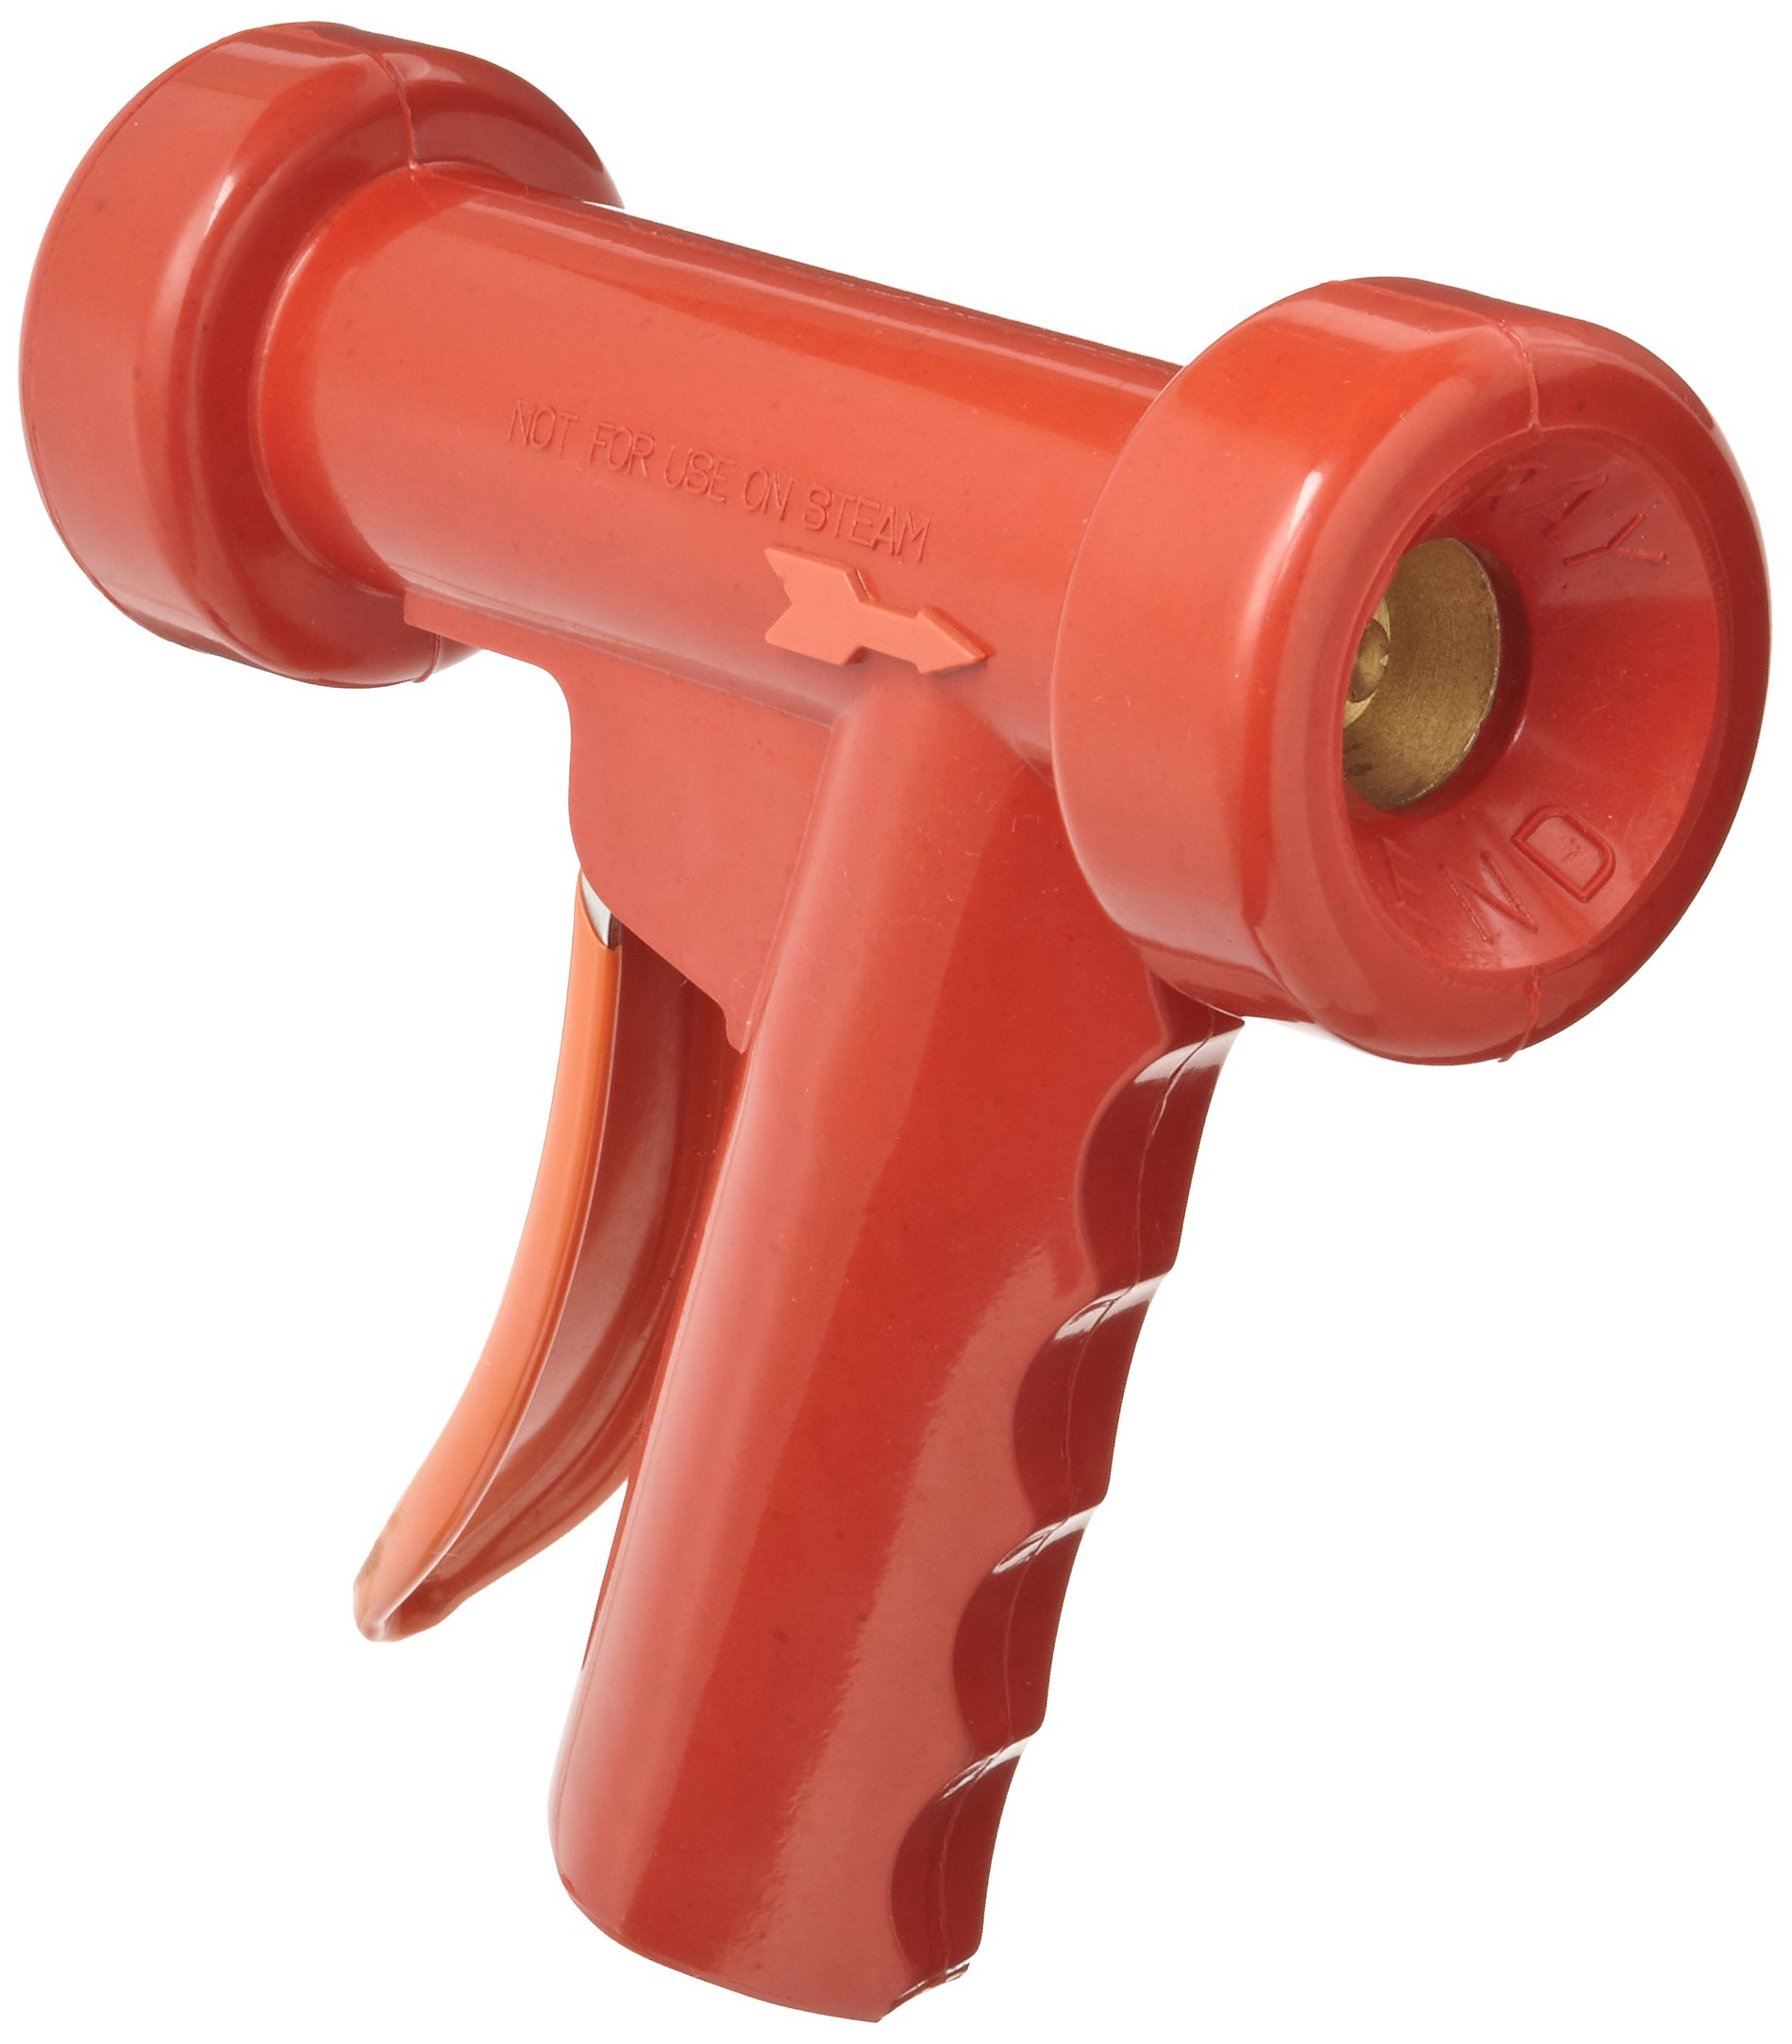 SuperKlean 150B-R Pistol Grip Spray Nozzle, Brass, 1/2 NPT, Red by SuperKlean